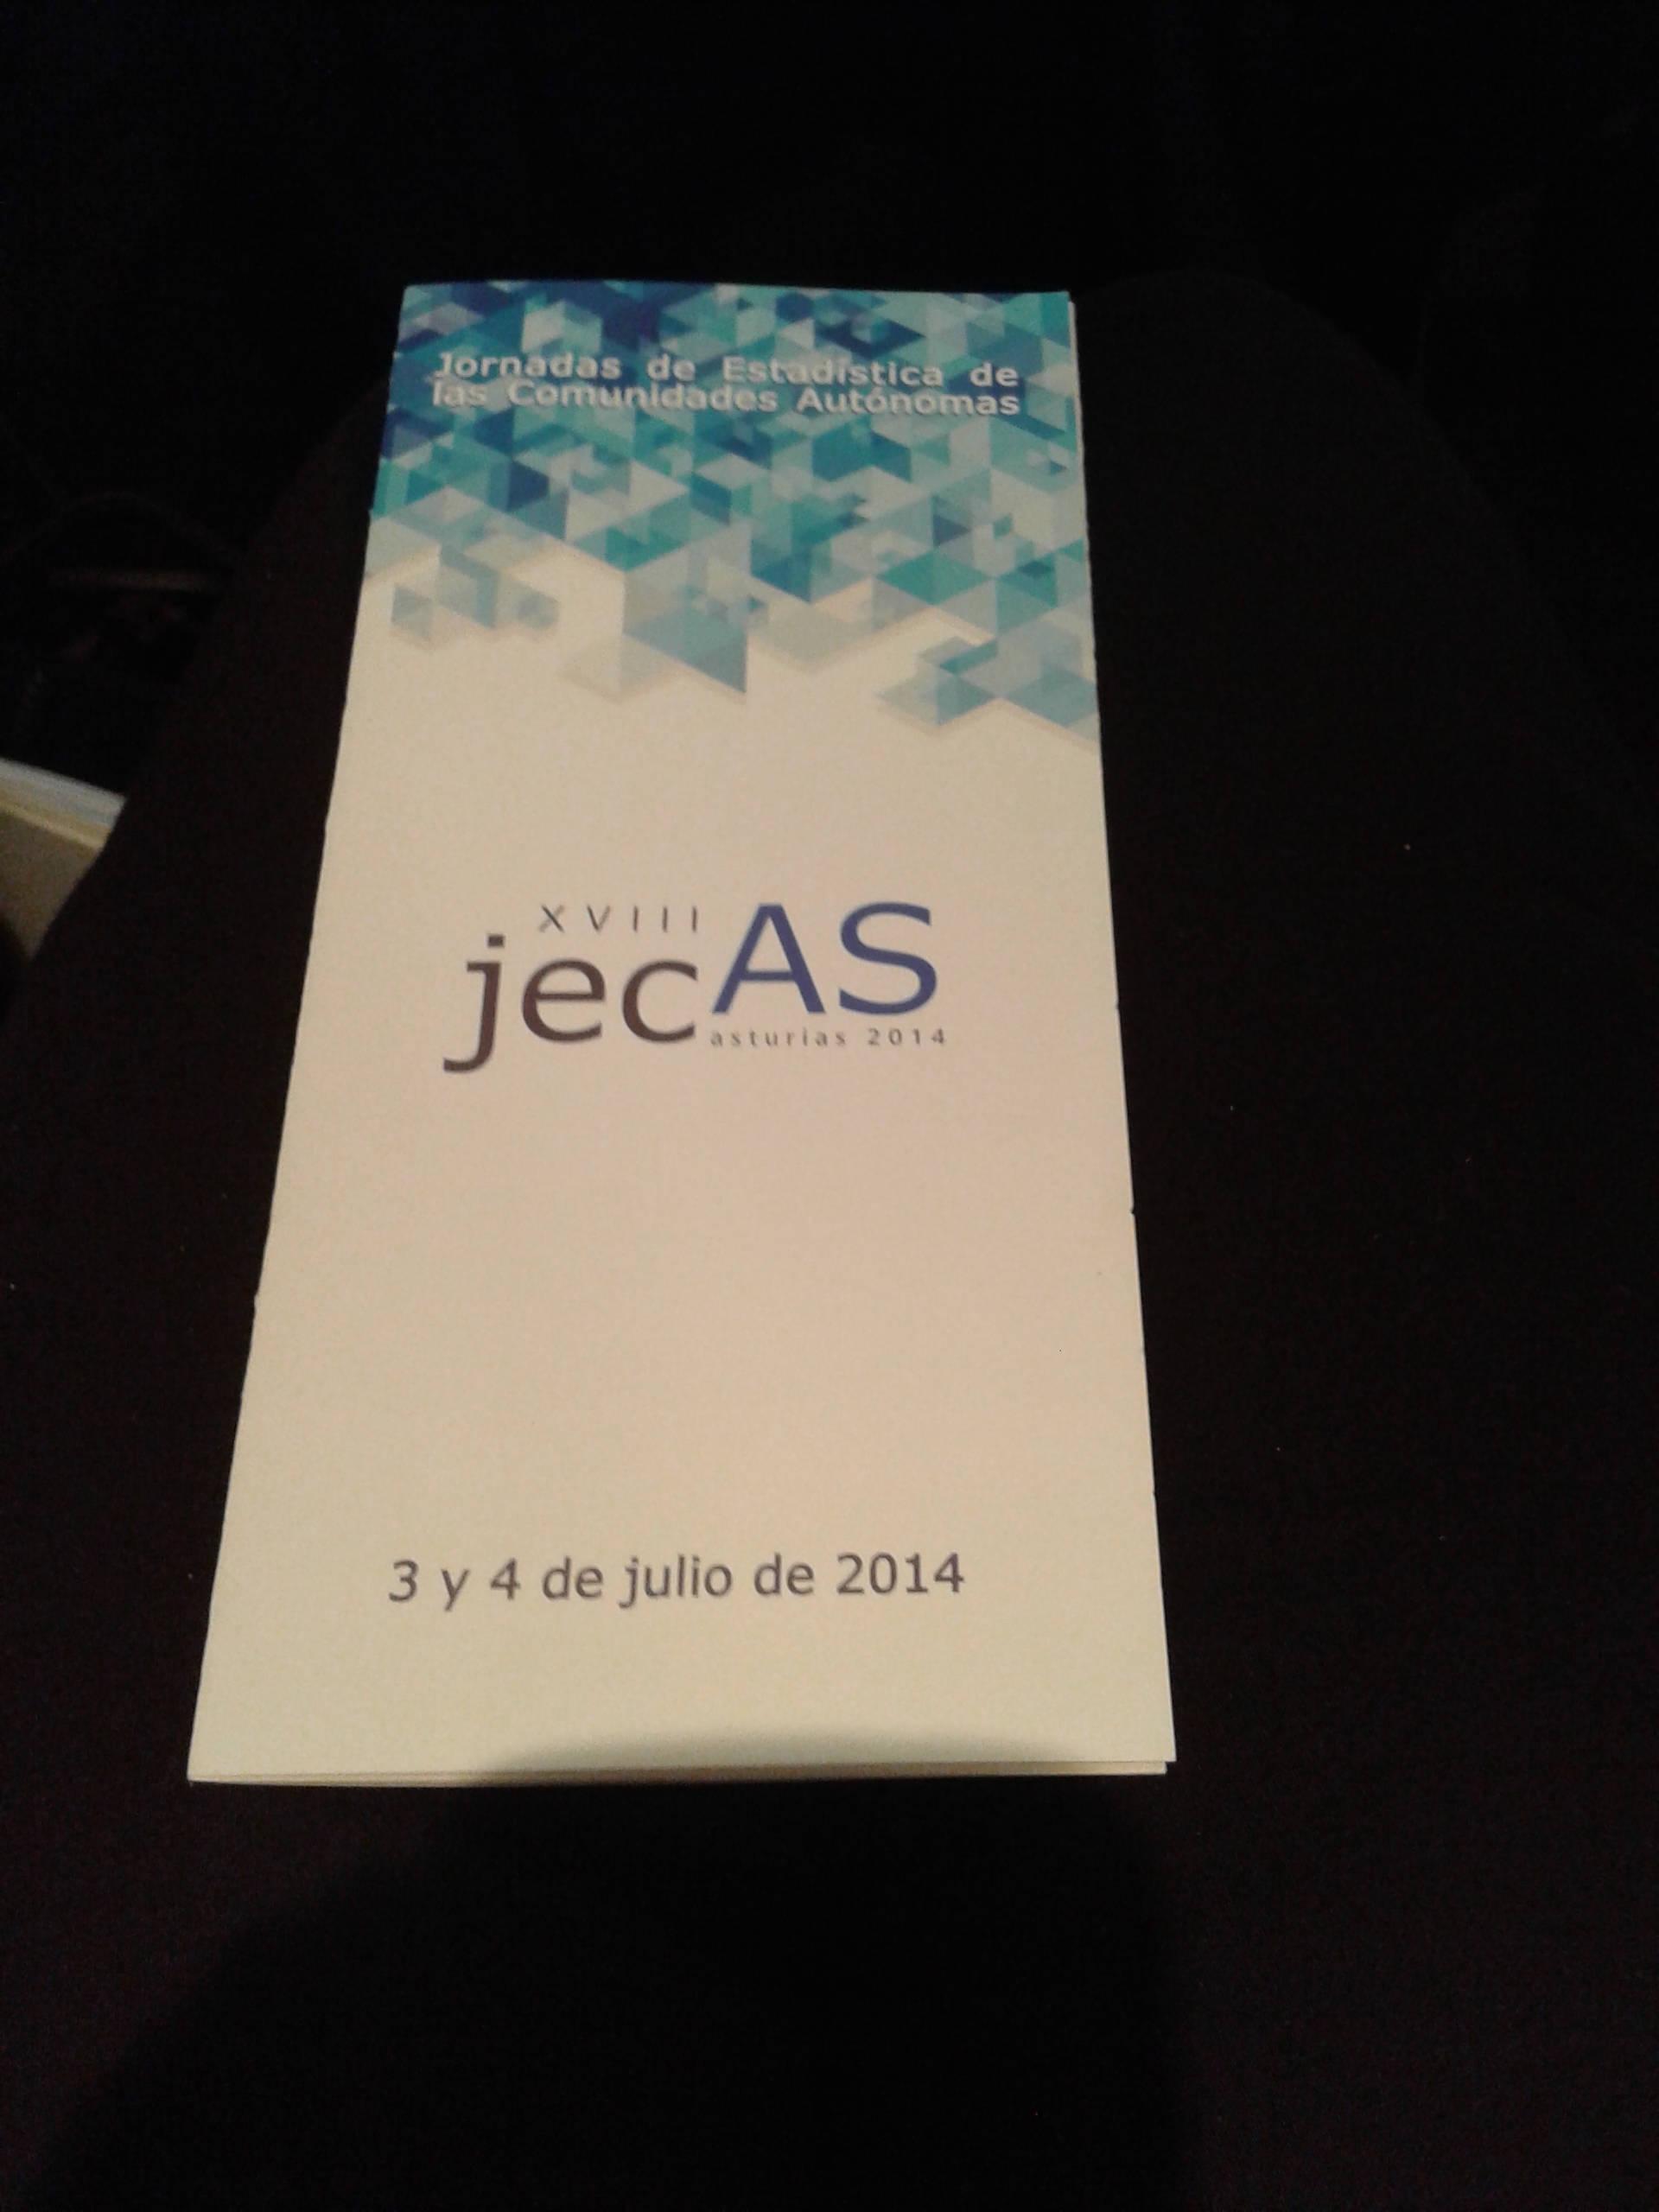 JECAS XVIII